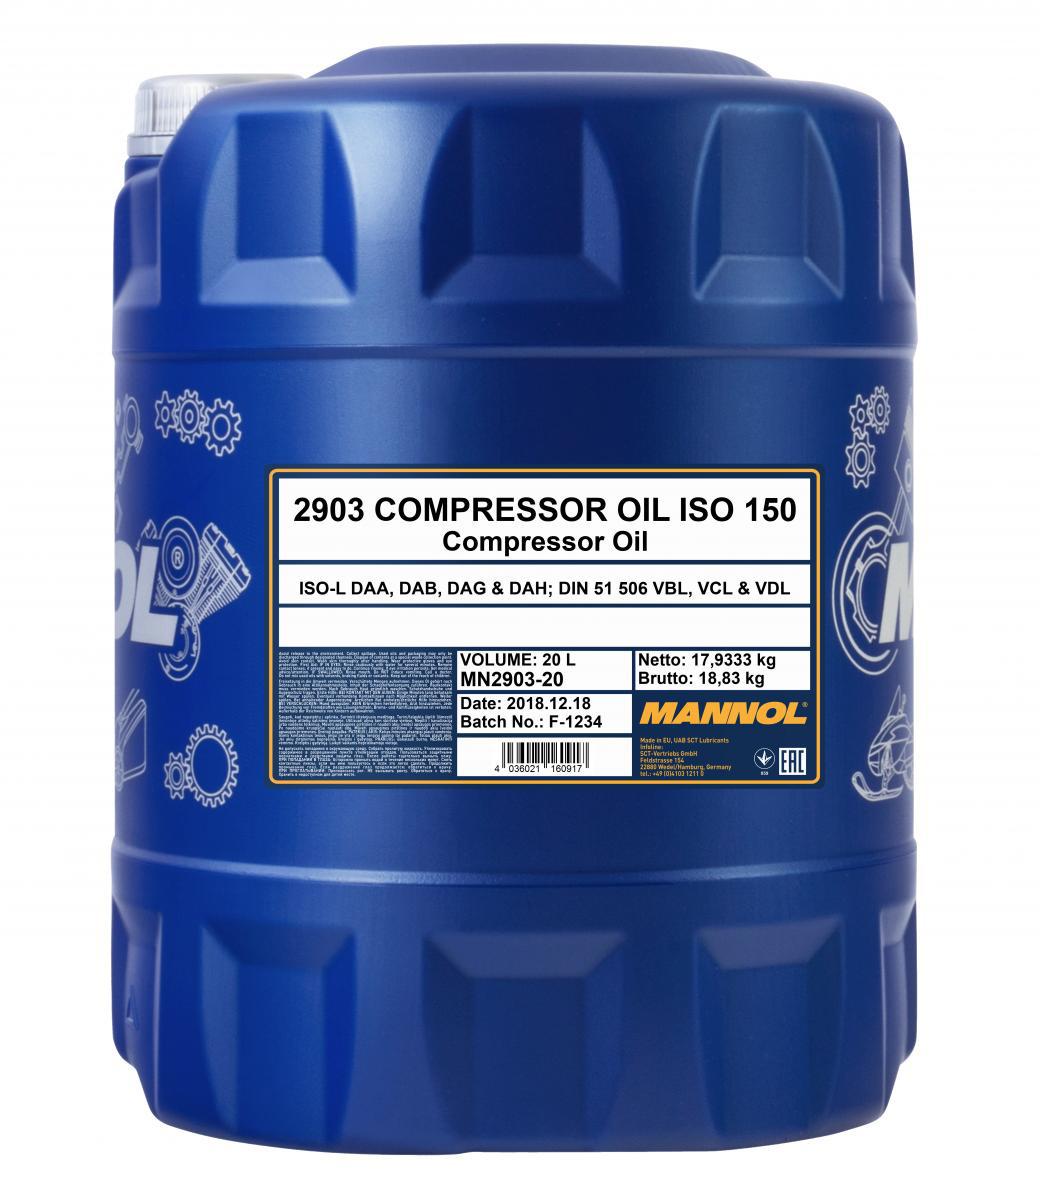 Compressor Oil ISO 150